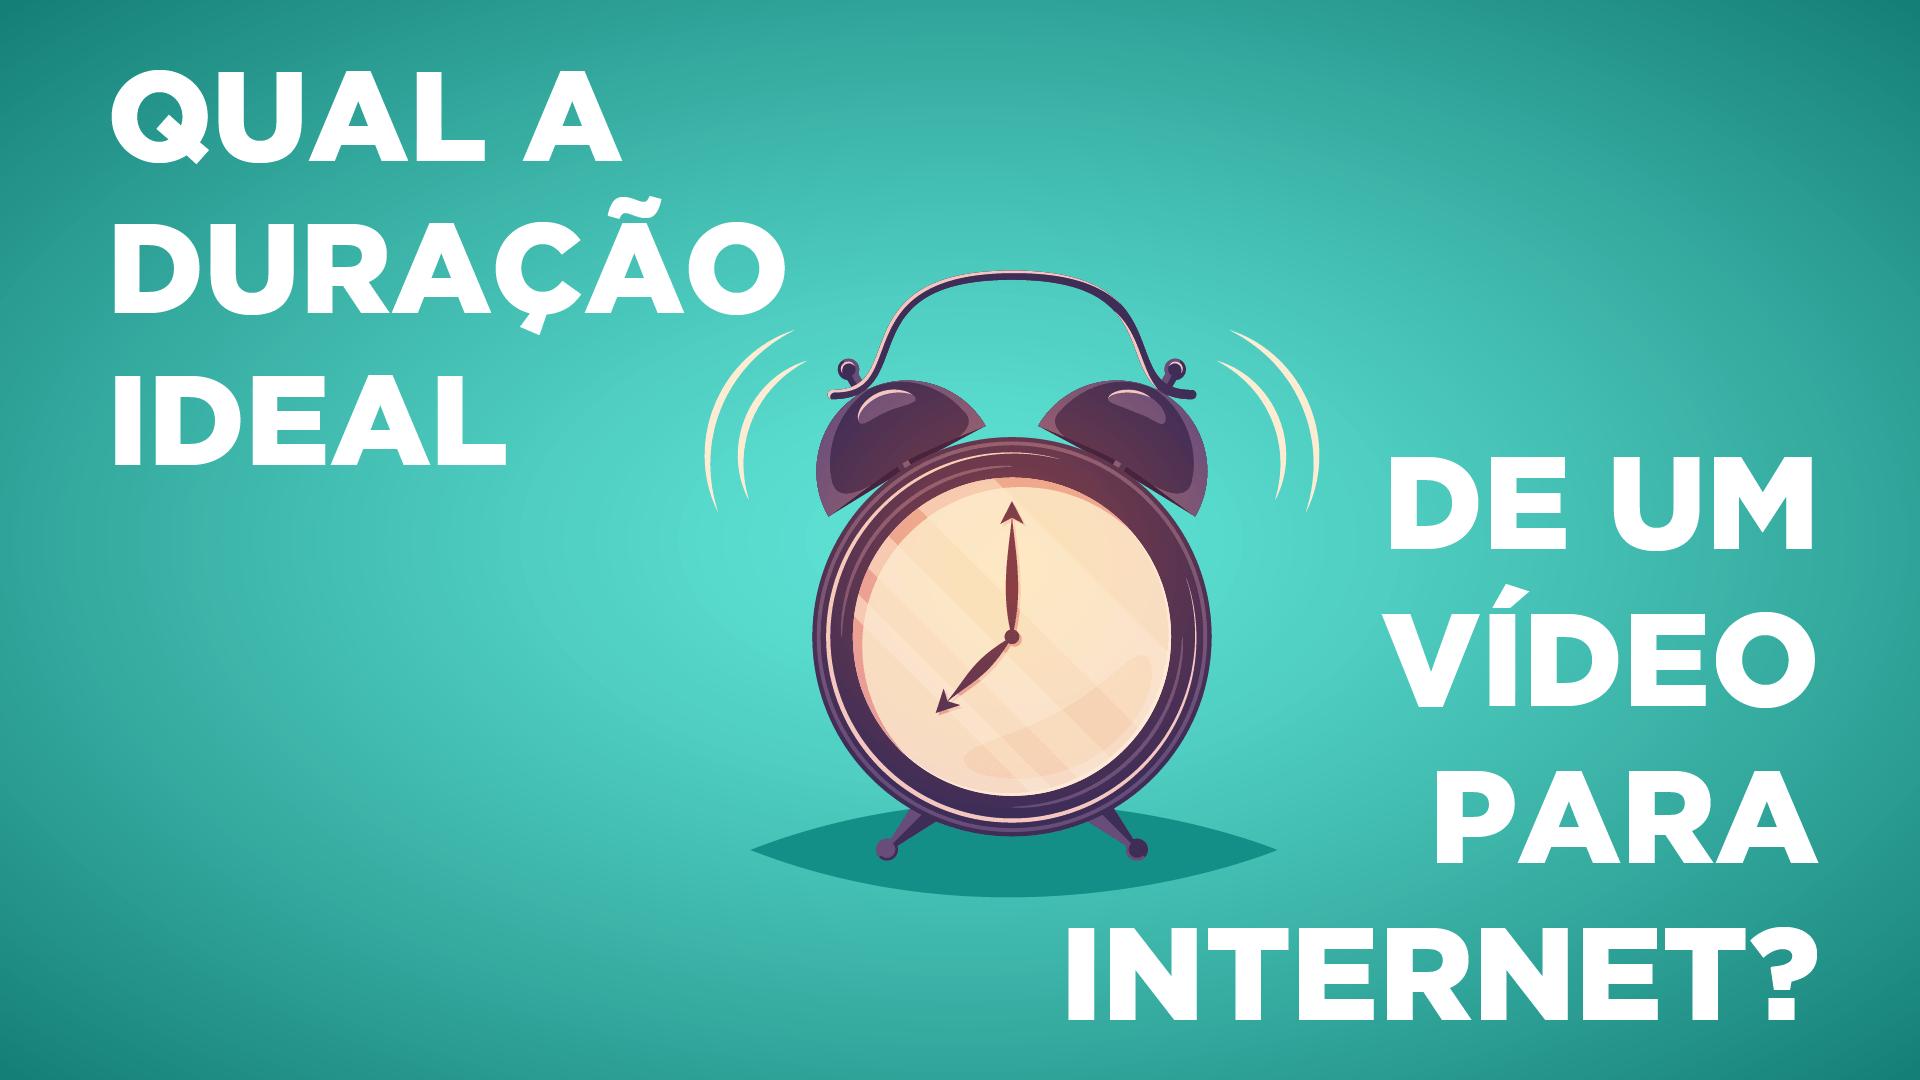 Duração de um vídeo para internet